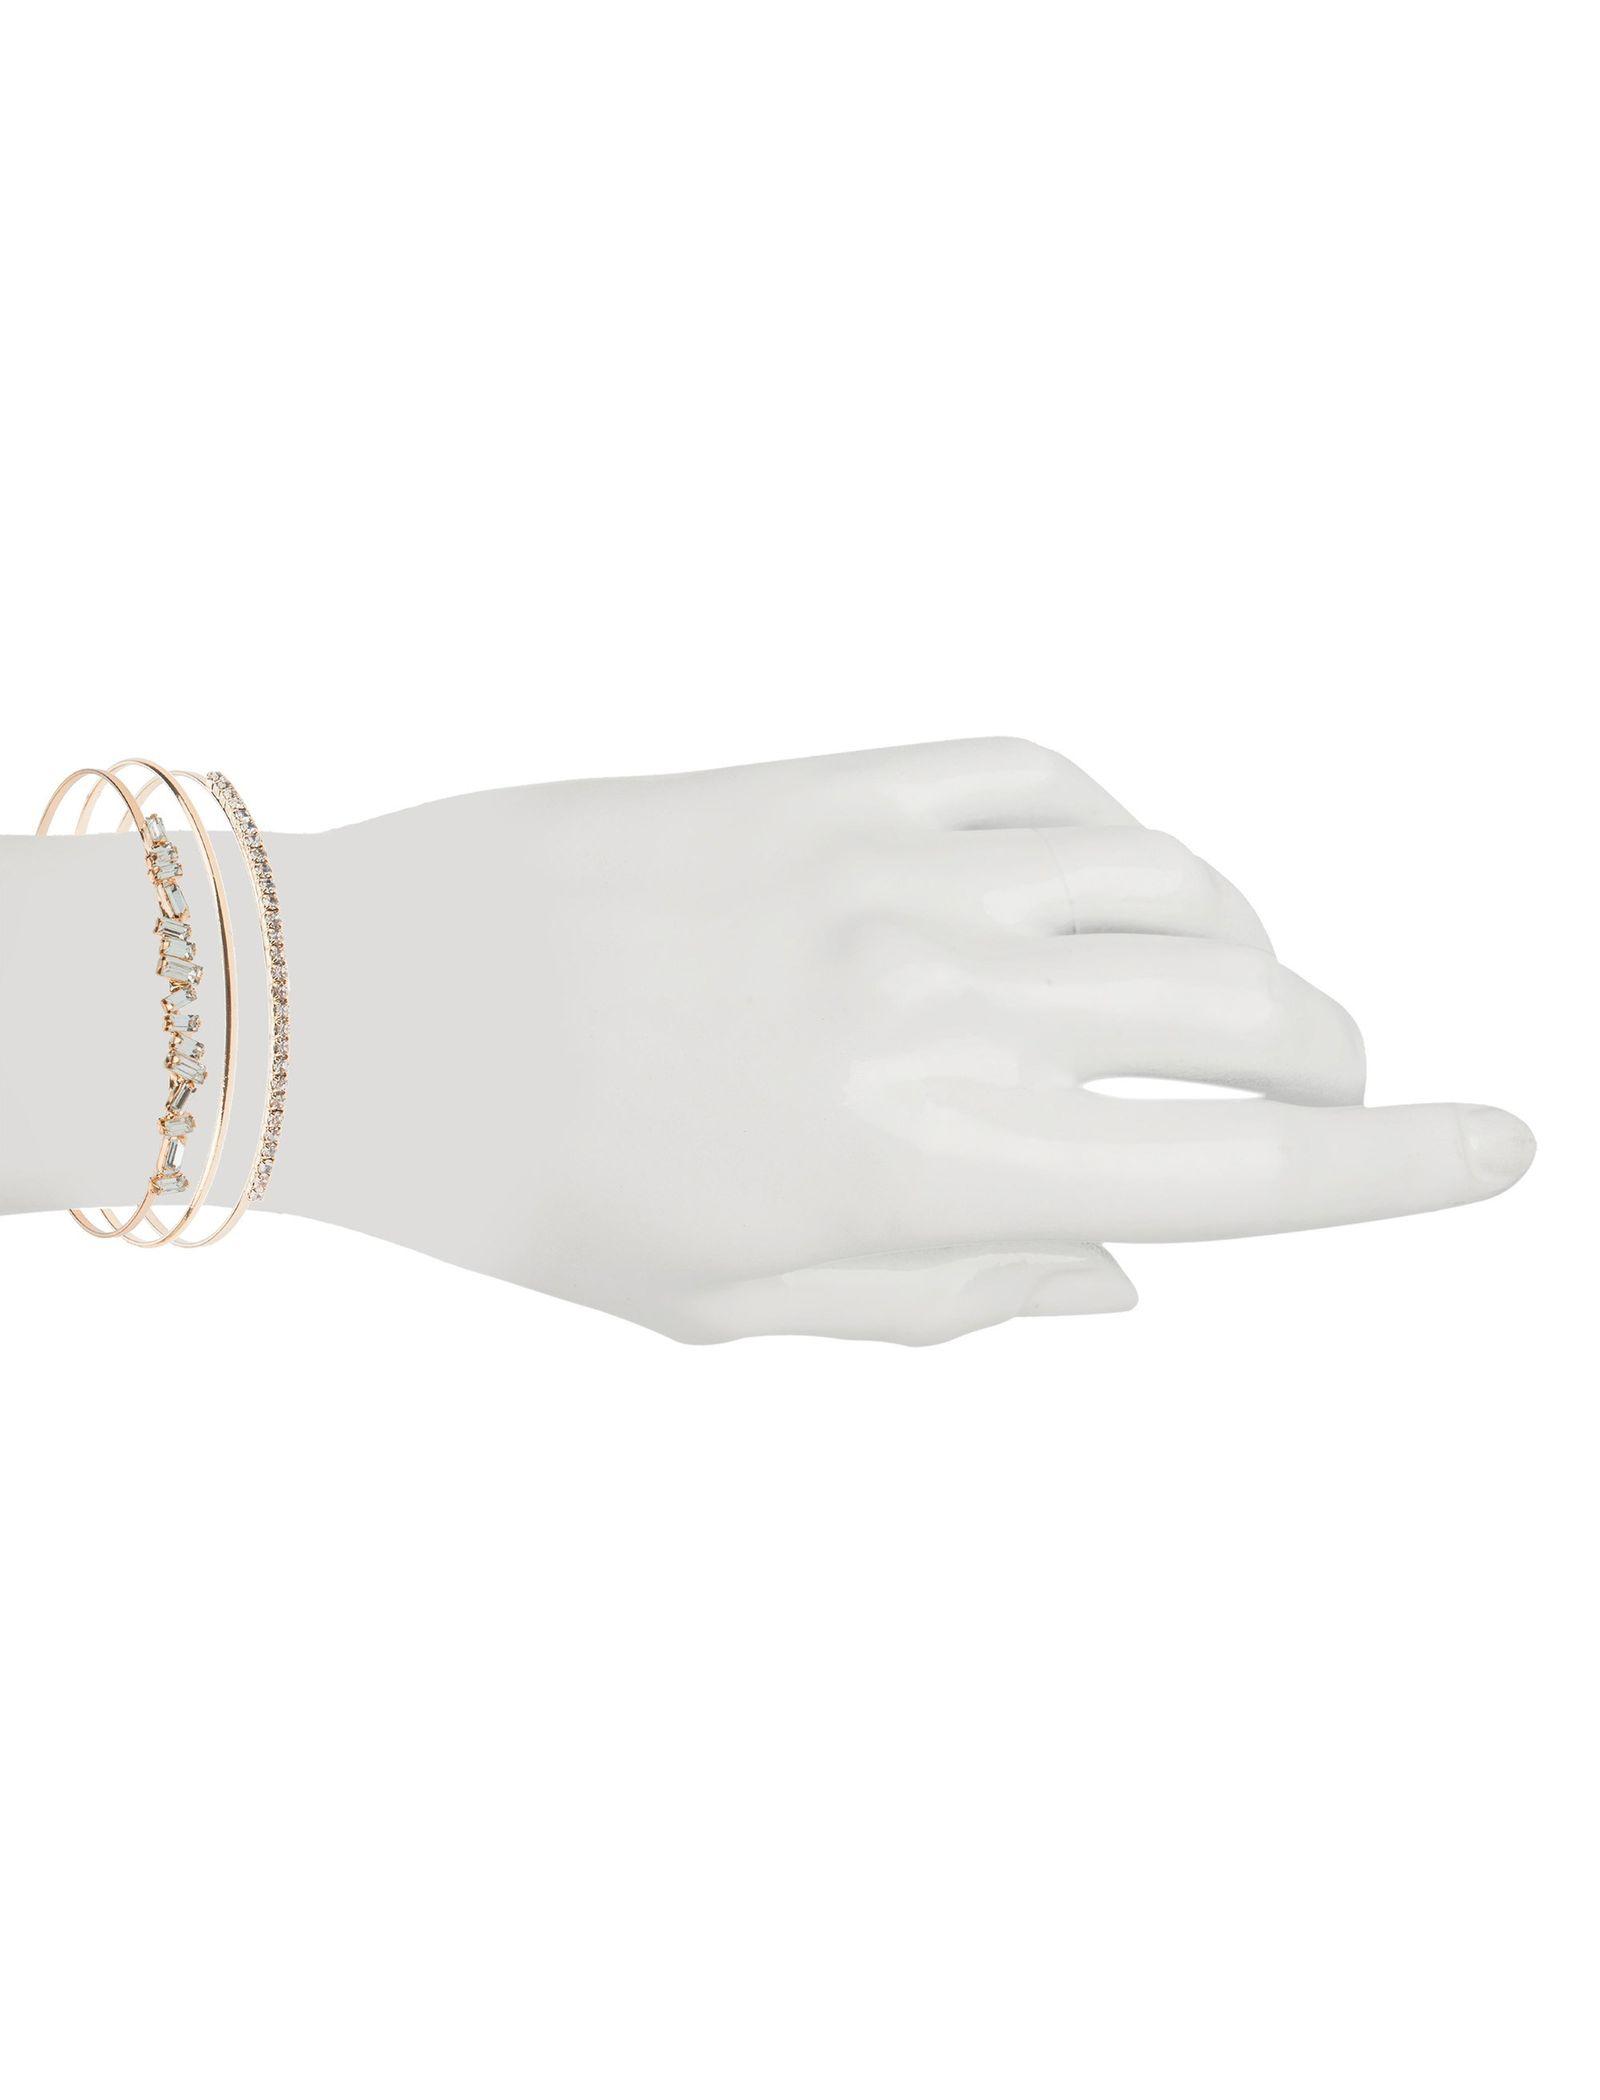 دستبند النگویی زنانه بسته 3 عددی - آلدو تک سایز - طلايي - 8